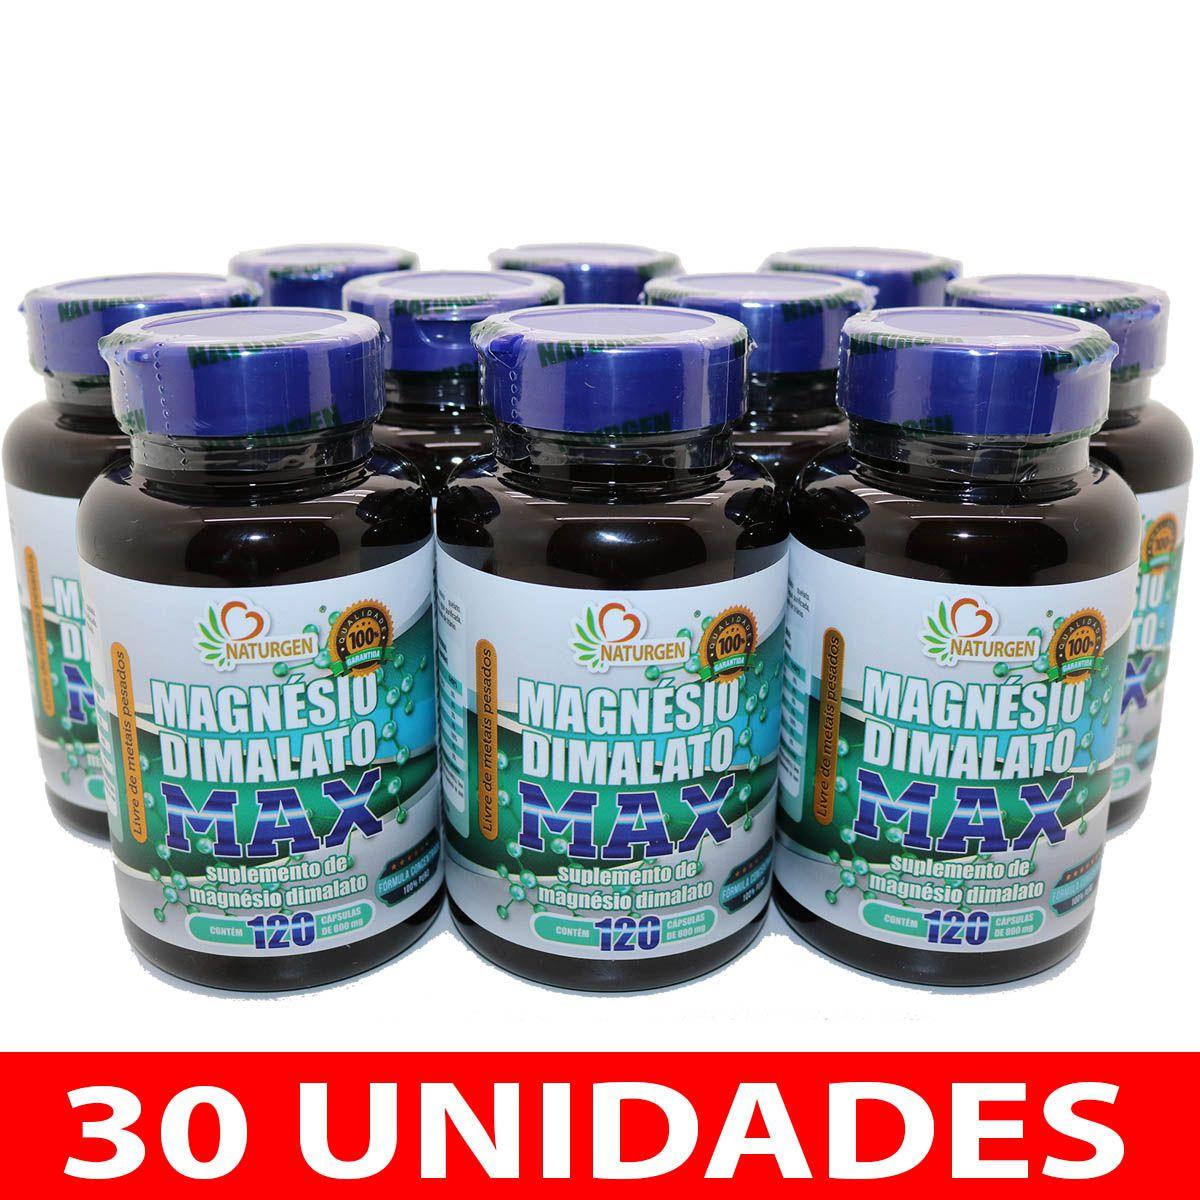 30 MAGNESIO DIMALATO 800MG 120 CAPS - PURO ULTRA CONCENTRADO